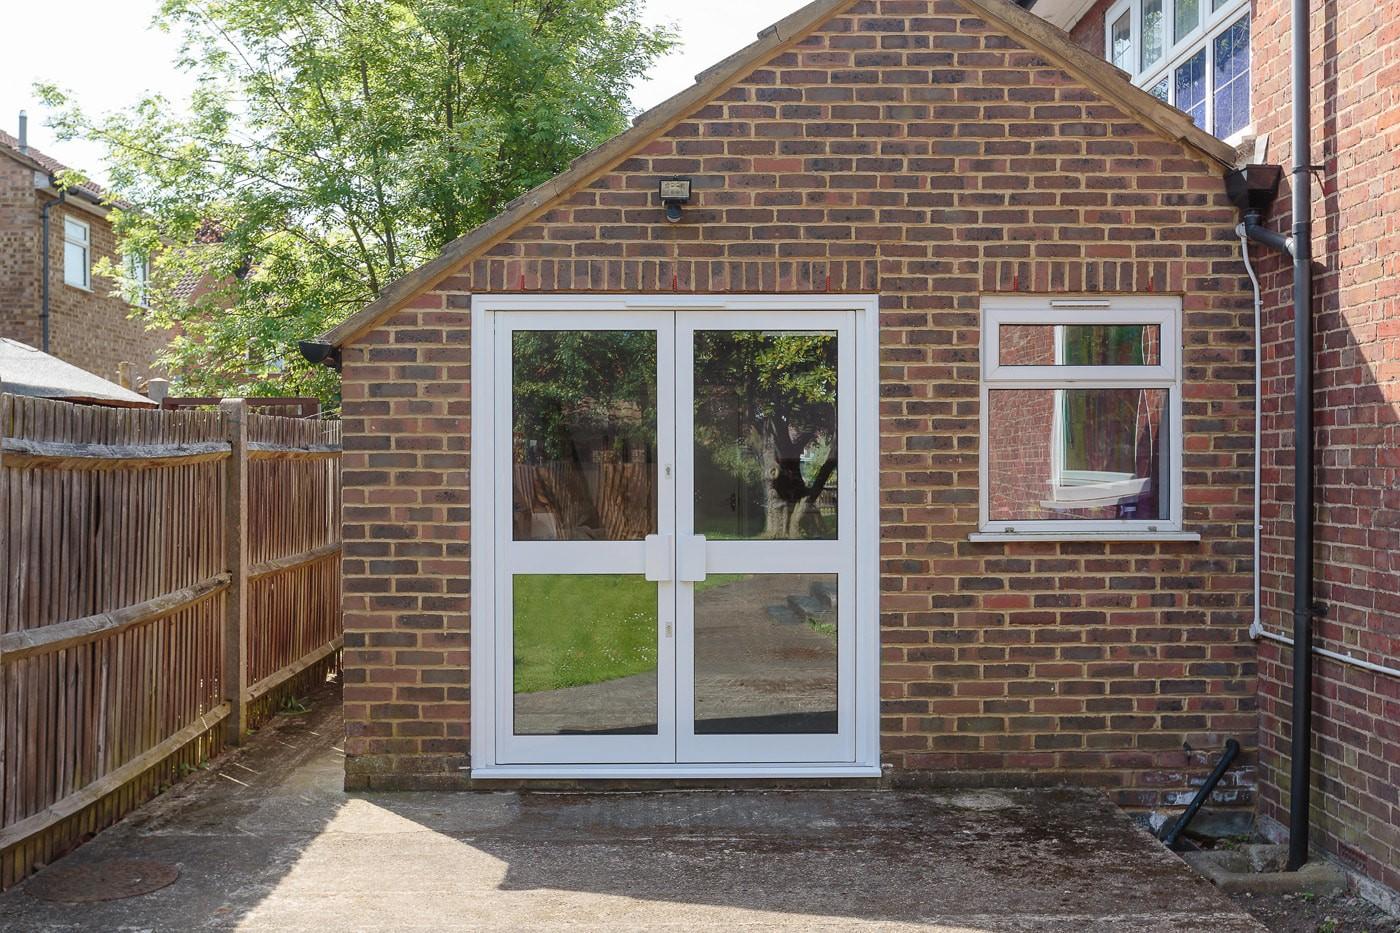 Commercial window & door services - Church door replacement in Surbiton